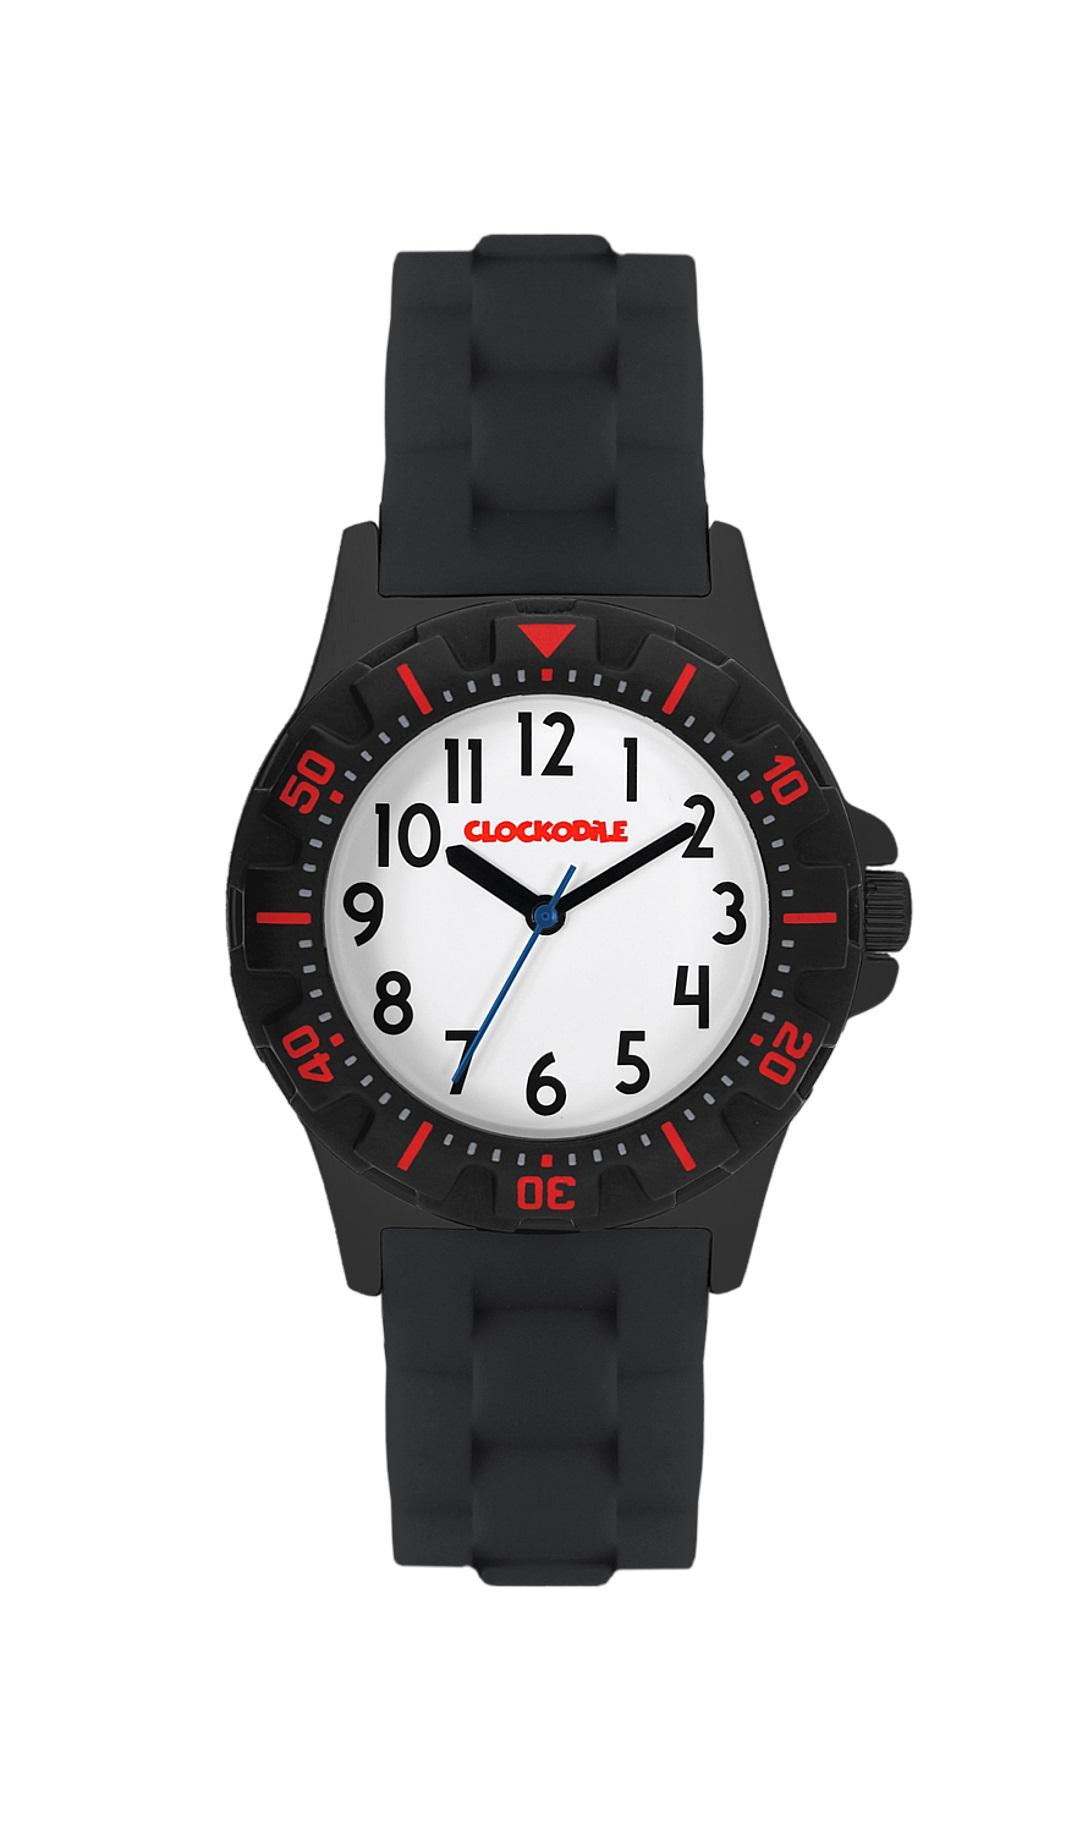 Černo-červené sportovní chlapecké hodinky CLOCKODILE SPORT CWB0021